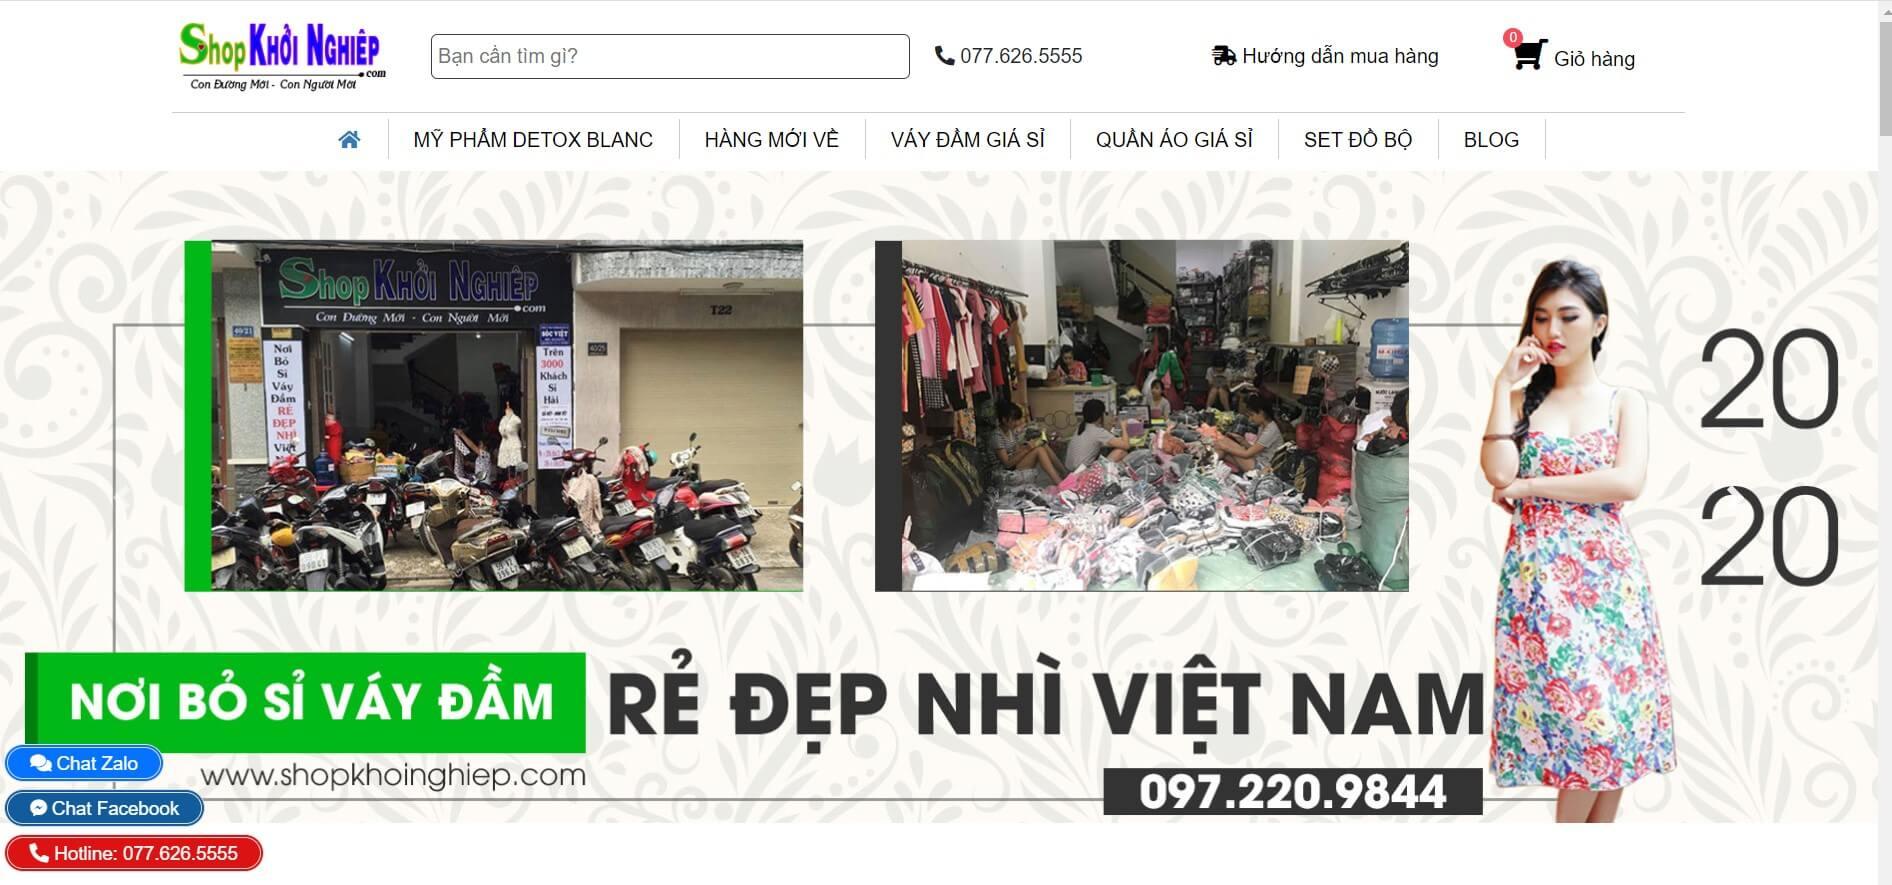 Hình ảnh của website shopkhoinghiep.com | Kho bỏ sỉ quần áo váy đầm tốt